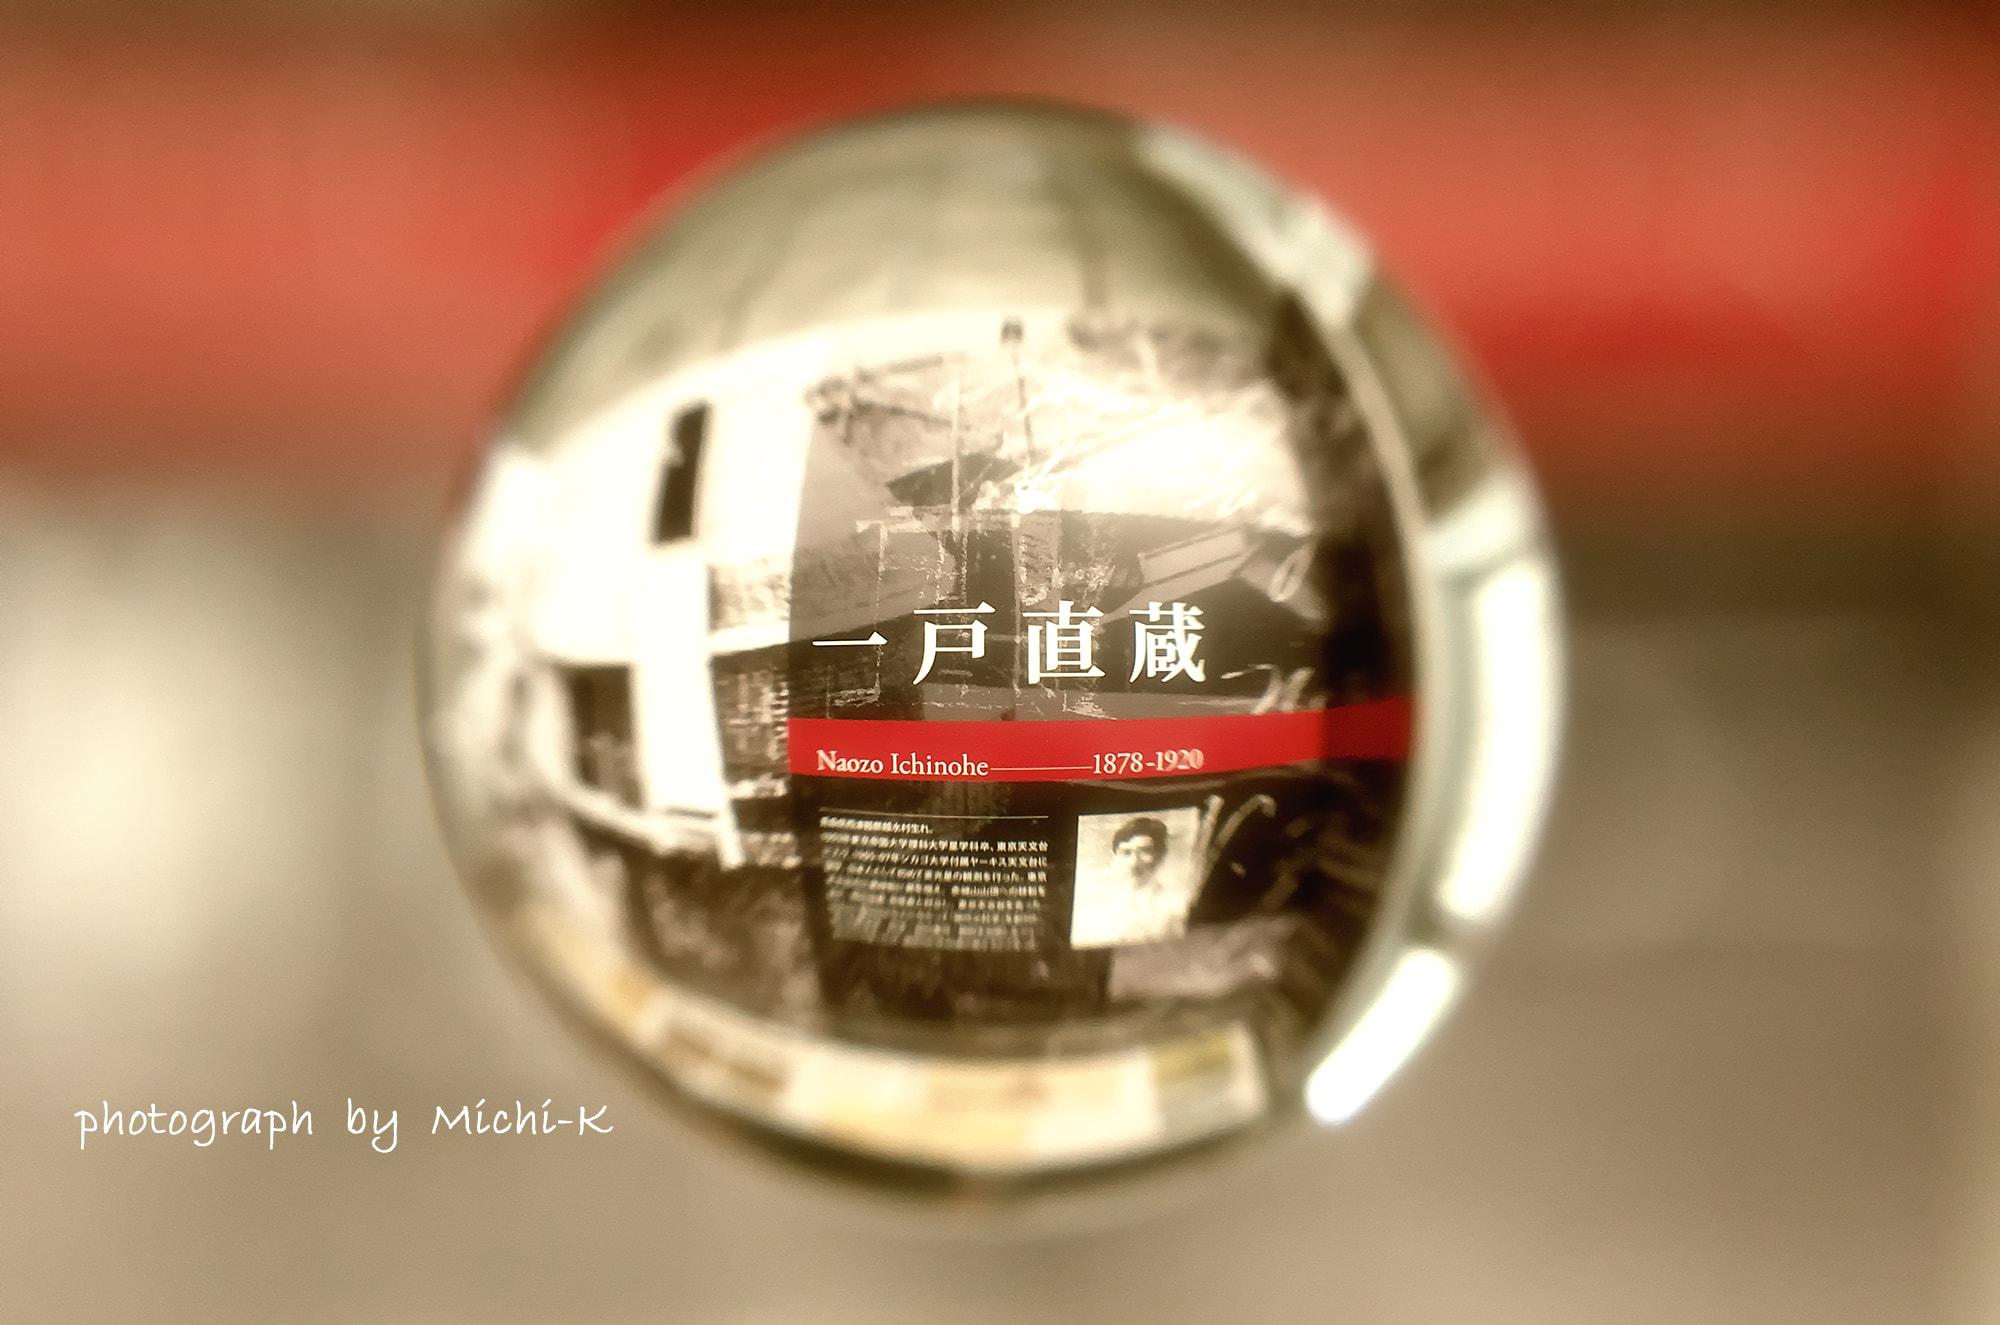 国立天文台三鷹キャンパスの天文機器資料館に展示してある、天文学者・一戸直蔵氏を紹介するパネル-宙玉